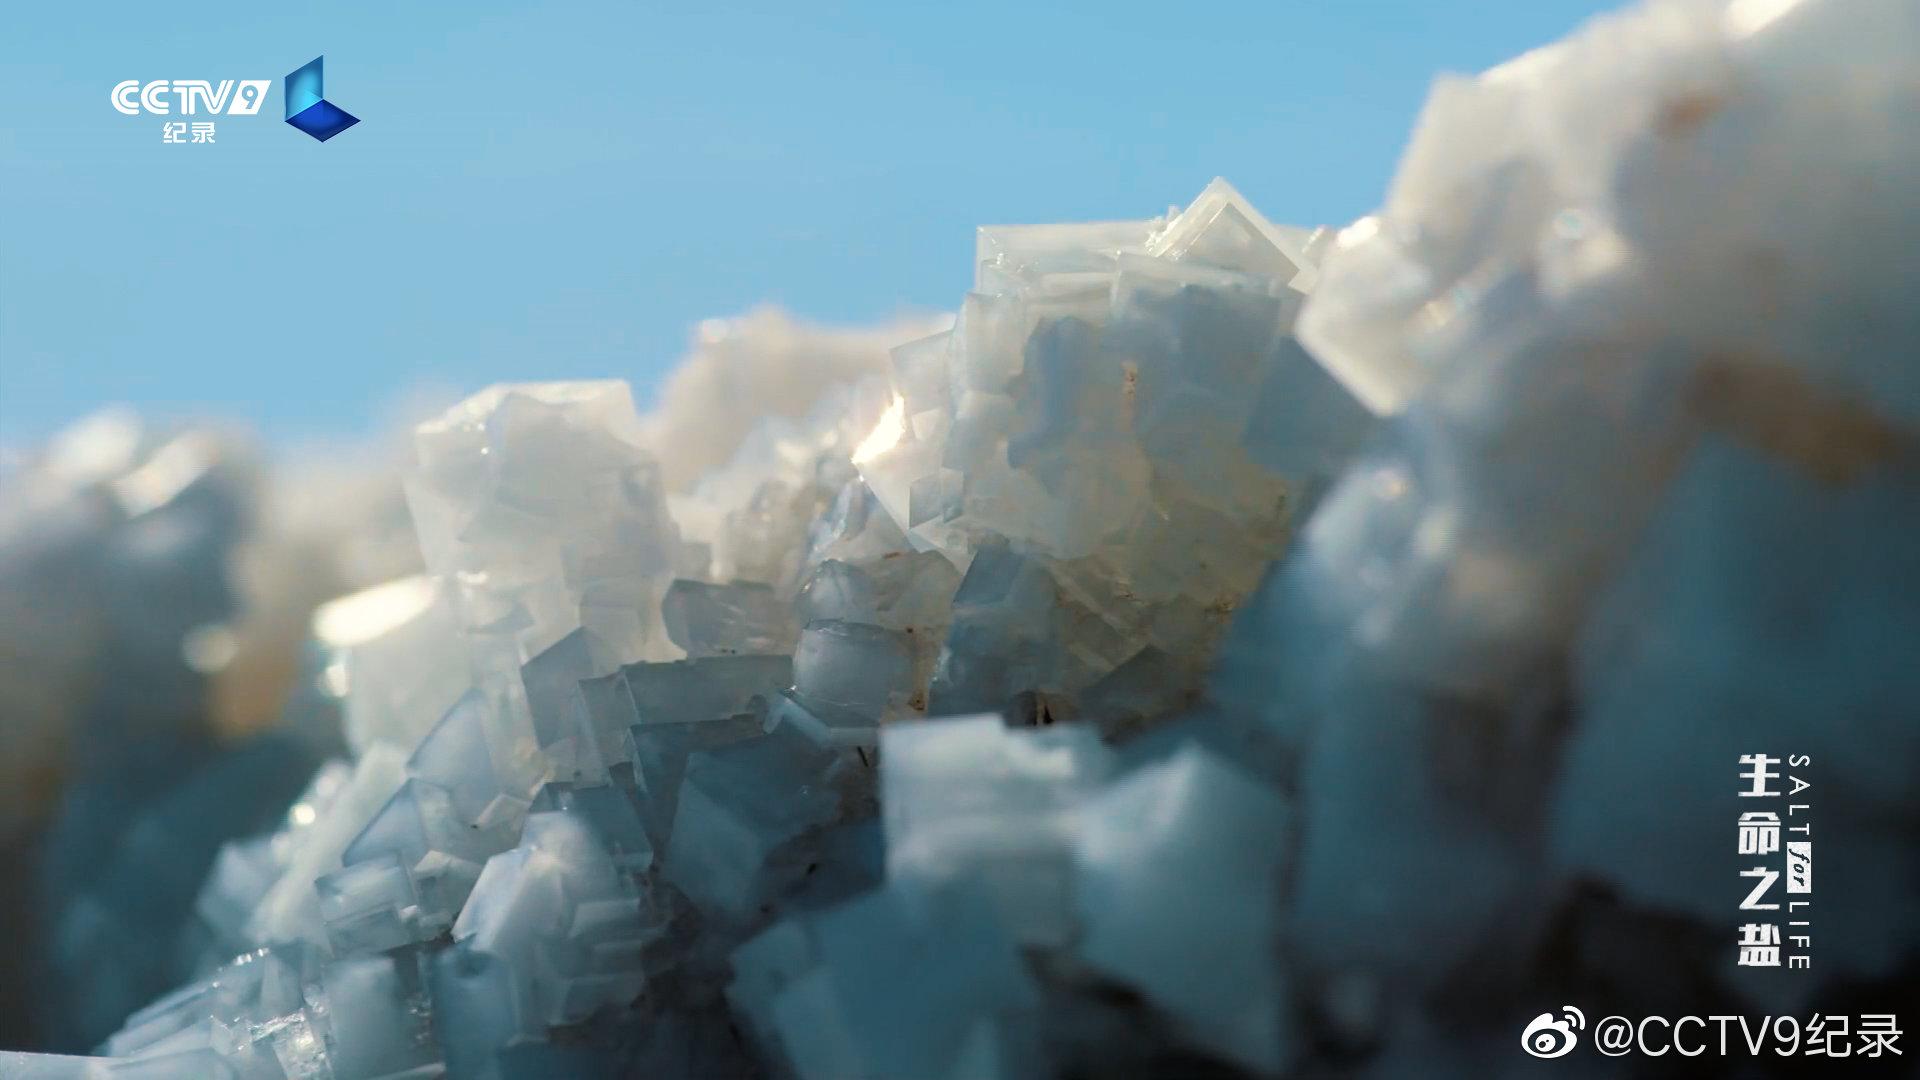 盐,在百姓的厨房里,是必不可少的生活日用品。而在国家的庙堂之上